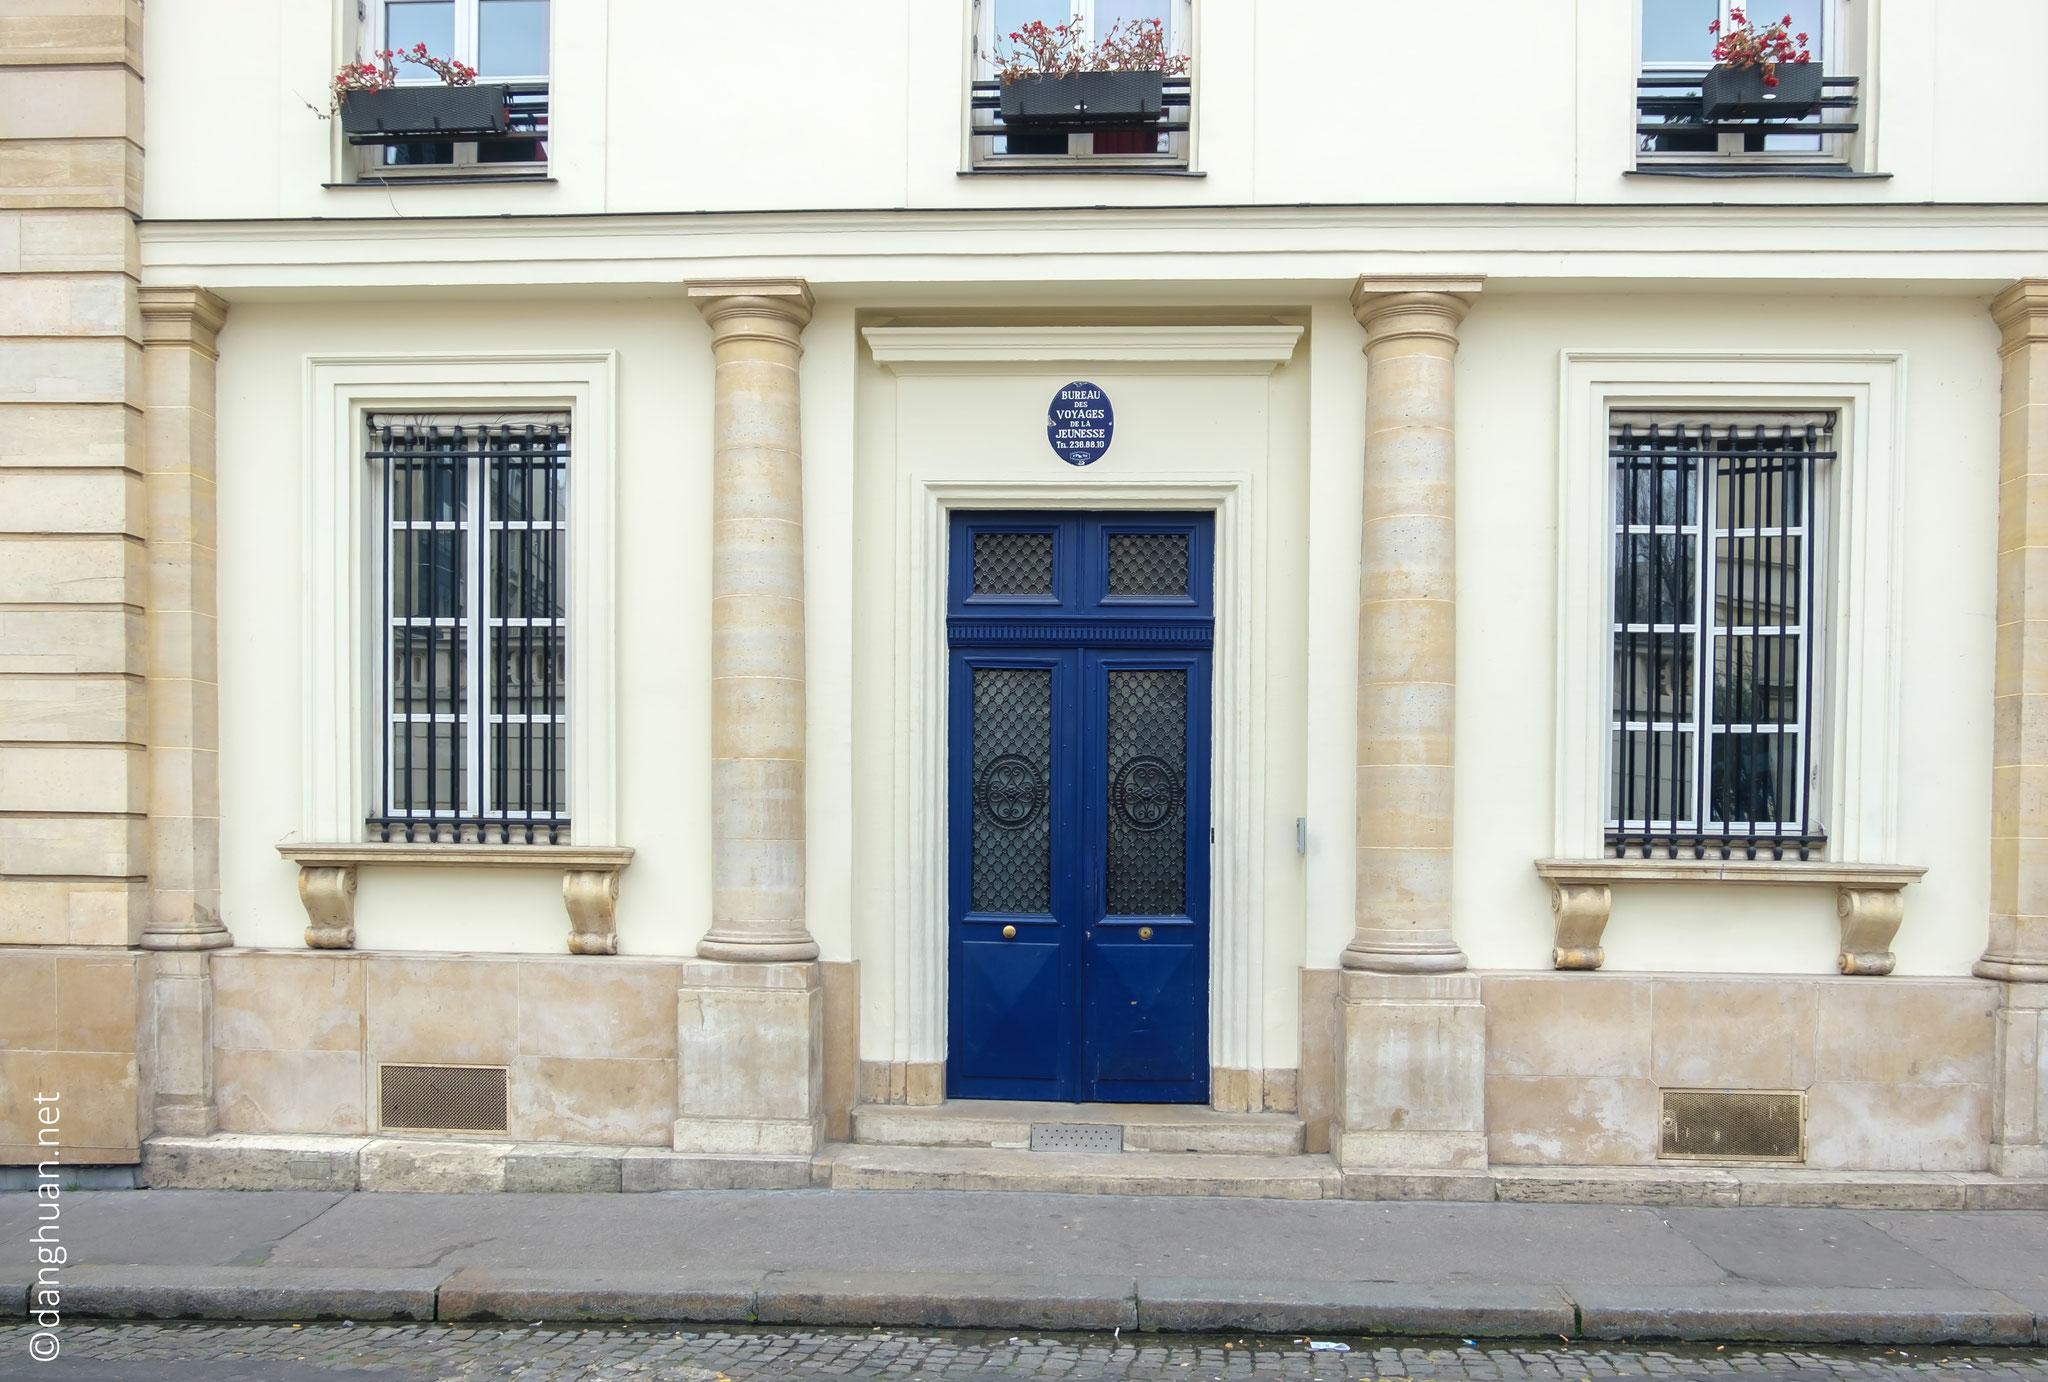 N°1 rue de la tour des dames : l'hôtel de Mlle Mars, une autre comédienne très célèbre de la Restauration. L'hôtel de Melle Mars était un des plus beaux et un des plus courus de la Nouvelle-Athènes.